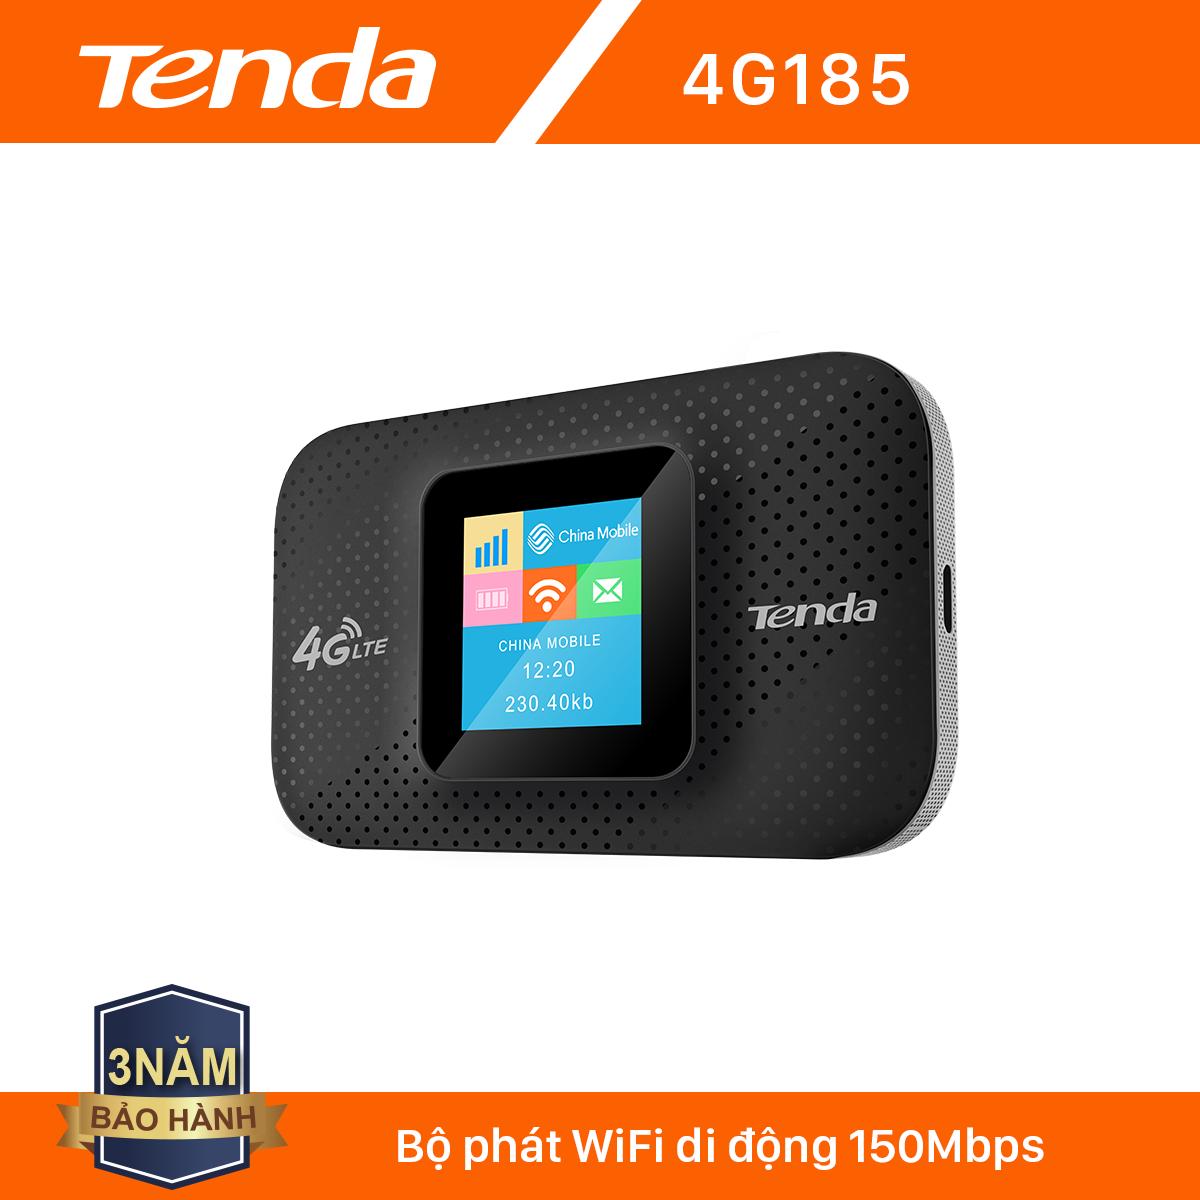 Tenda Bộ phát Wifi di động 4G LTE 4G185 – Hãng phân phối chính thức